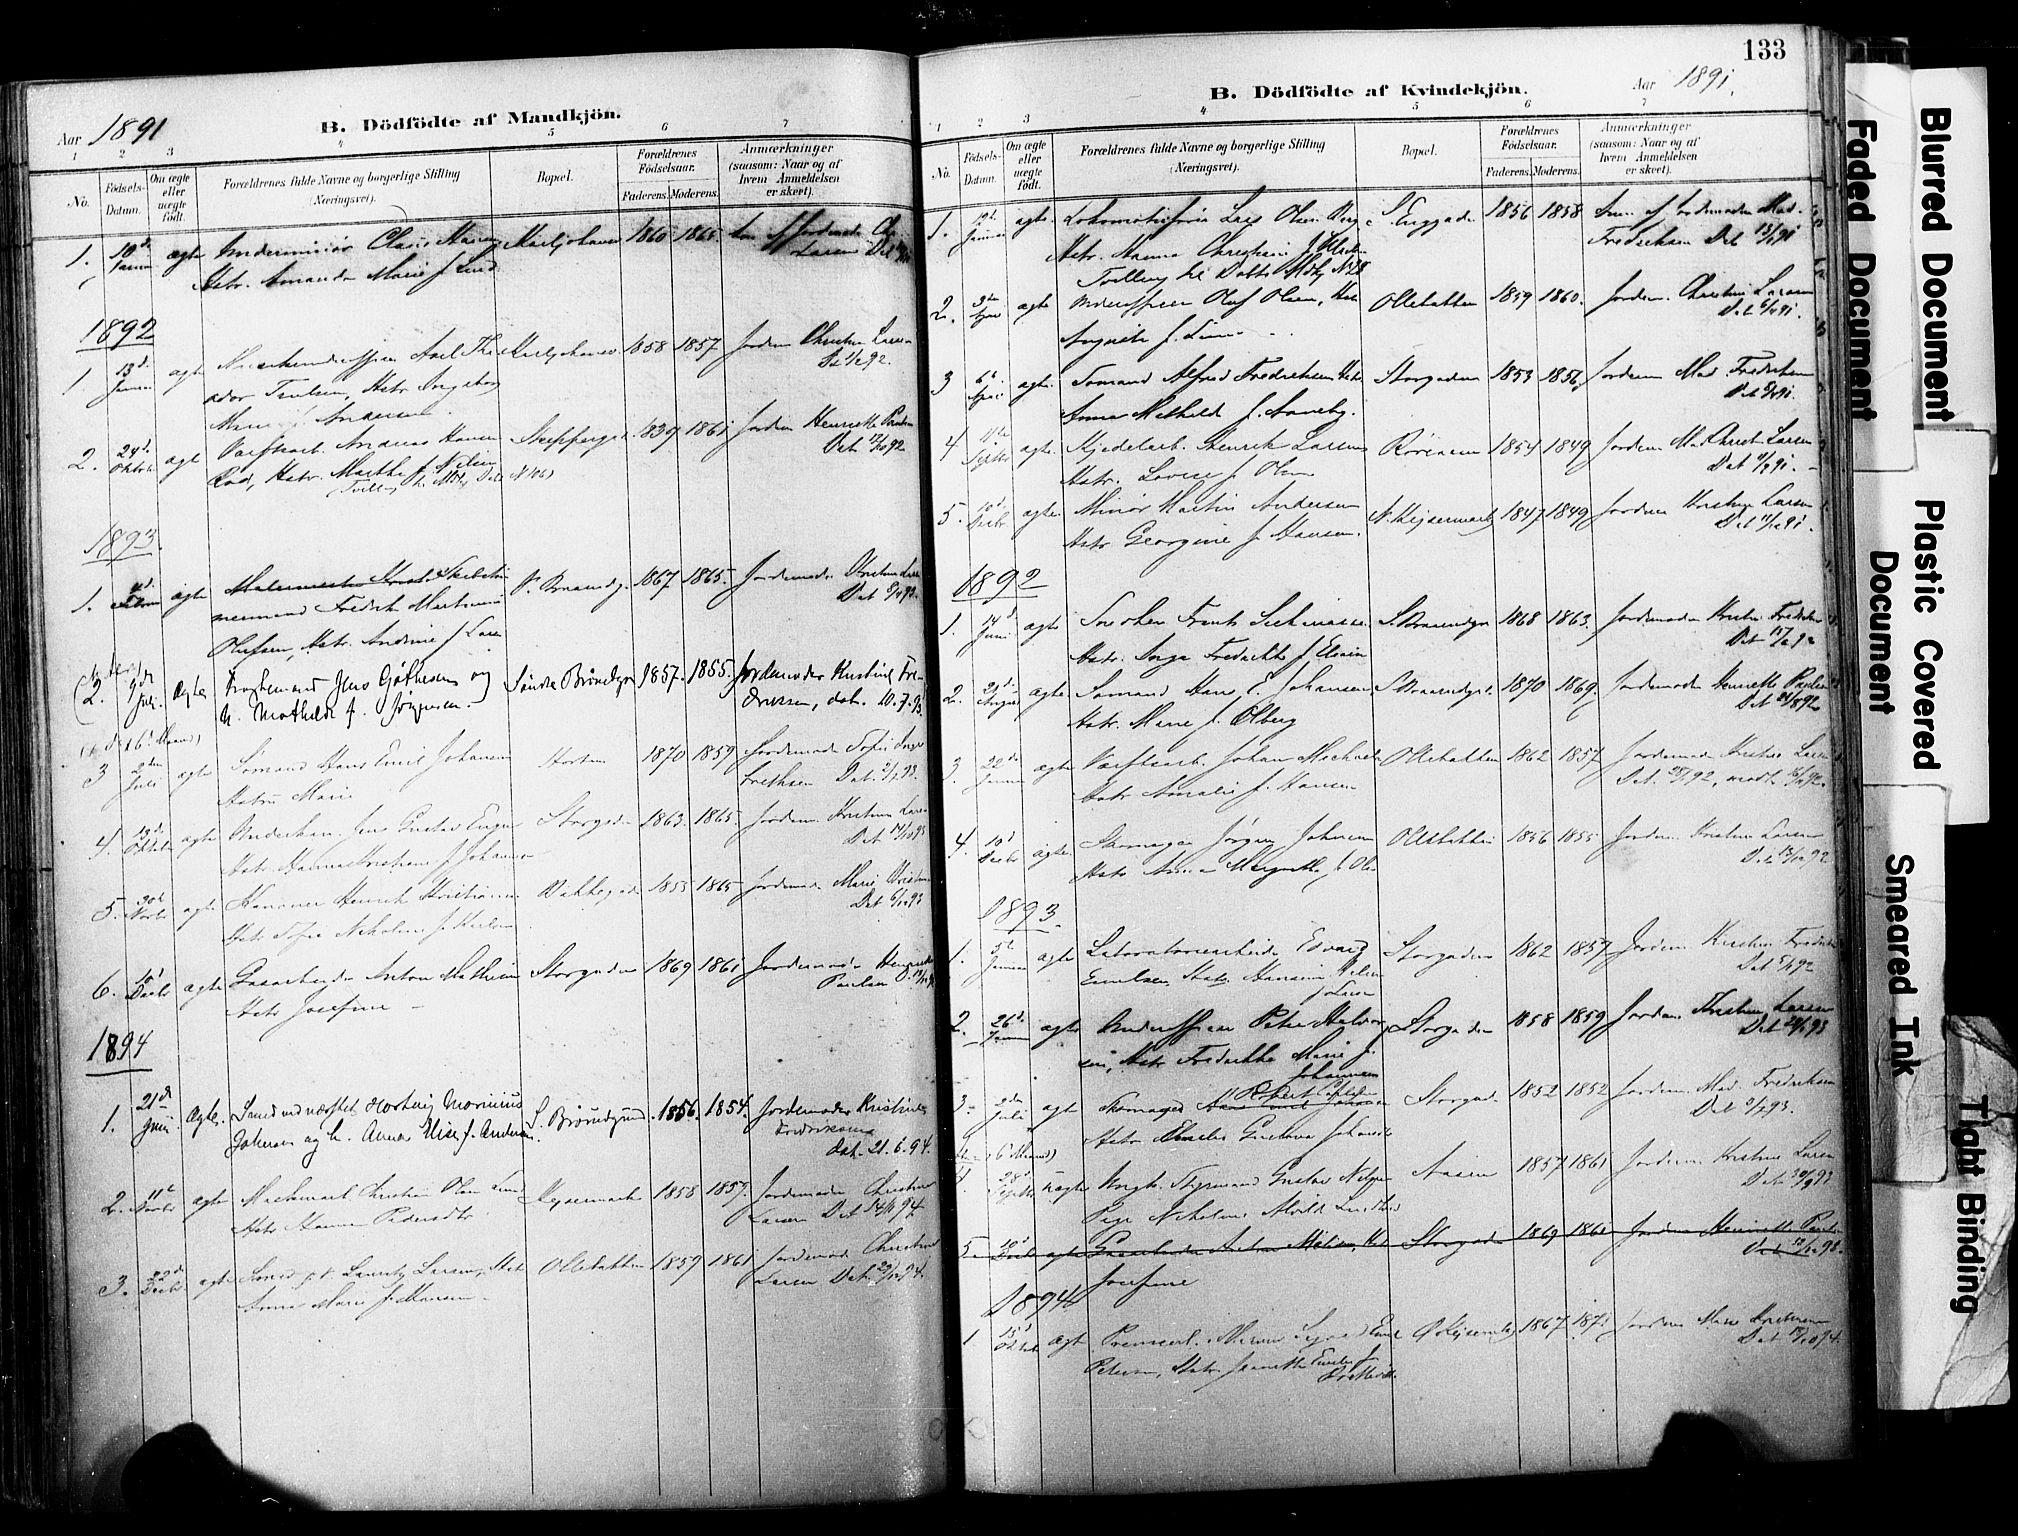 SAKO, Horten kirkebøker, F/Fa/L0004: Ministerialbok nr. 4, 1888-1895, s. 133